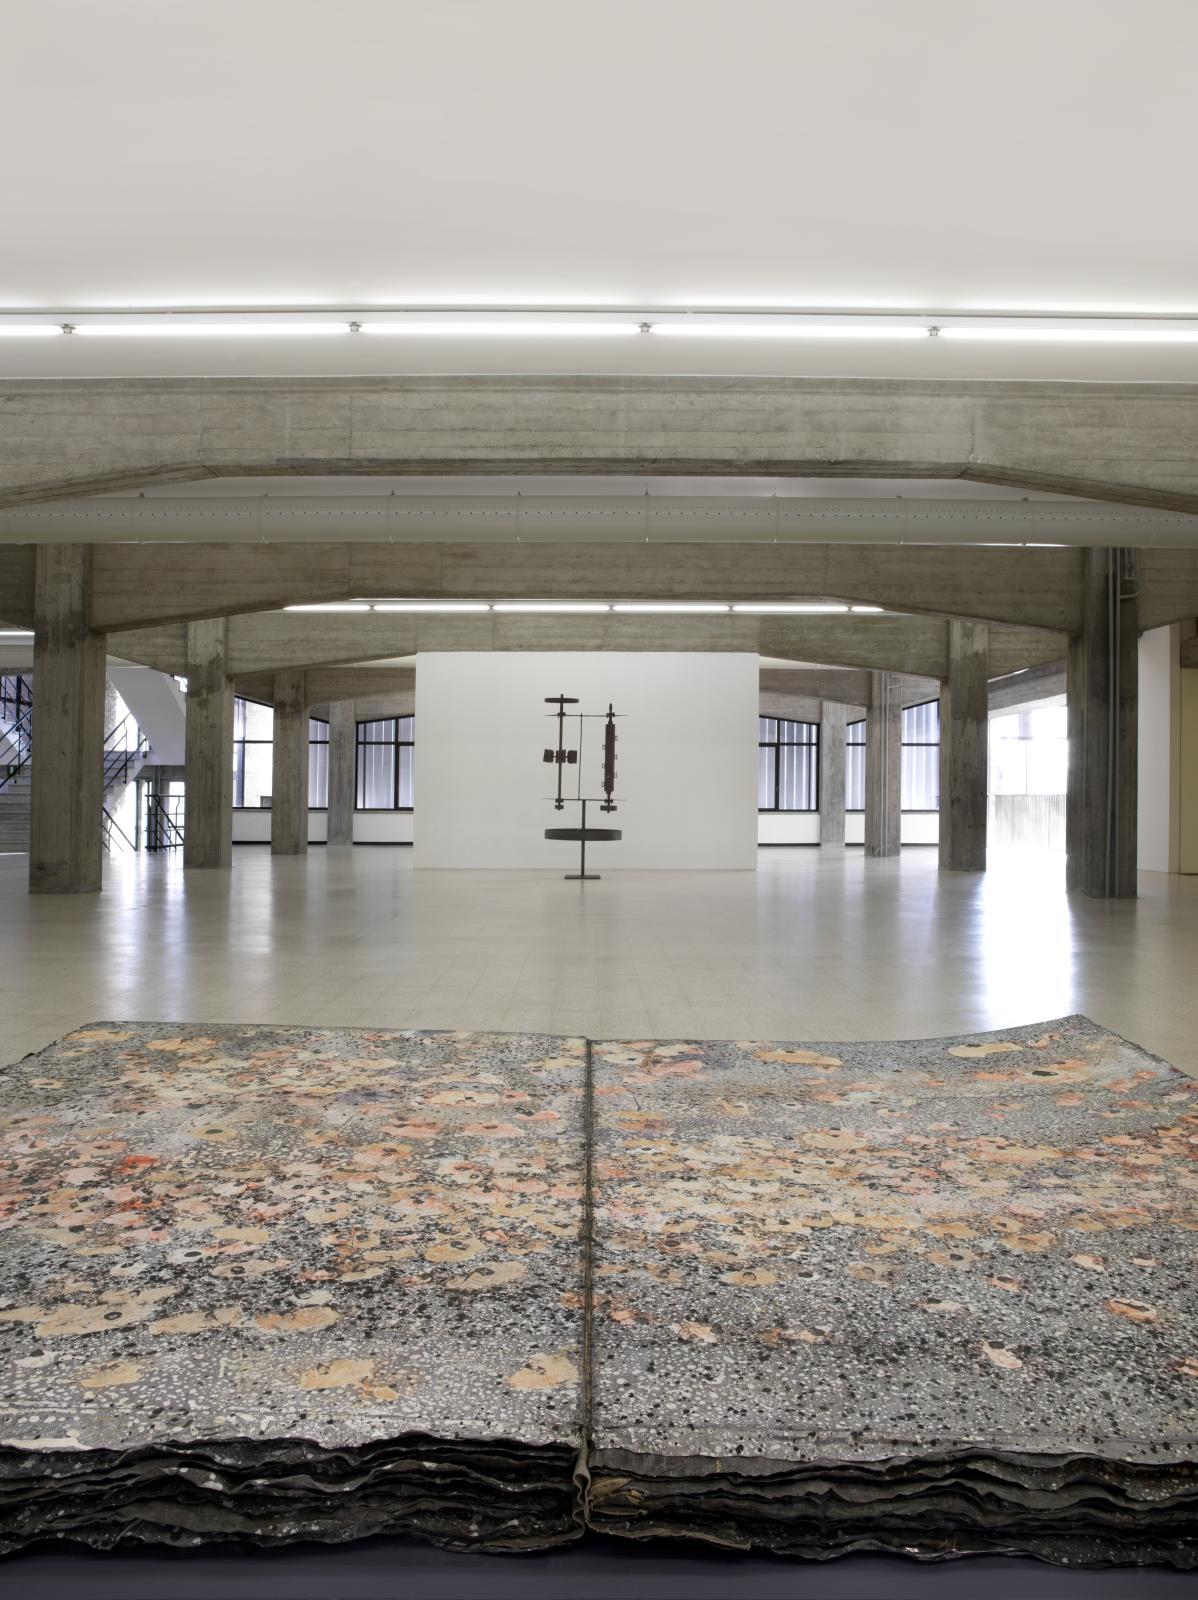 Le premier étage de la Collection Maramotti, avec des œuvres d'Anselm Kiefer et d'Ettore Colla. ©Dario Lasagni